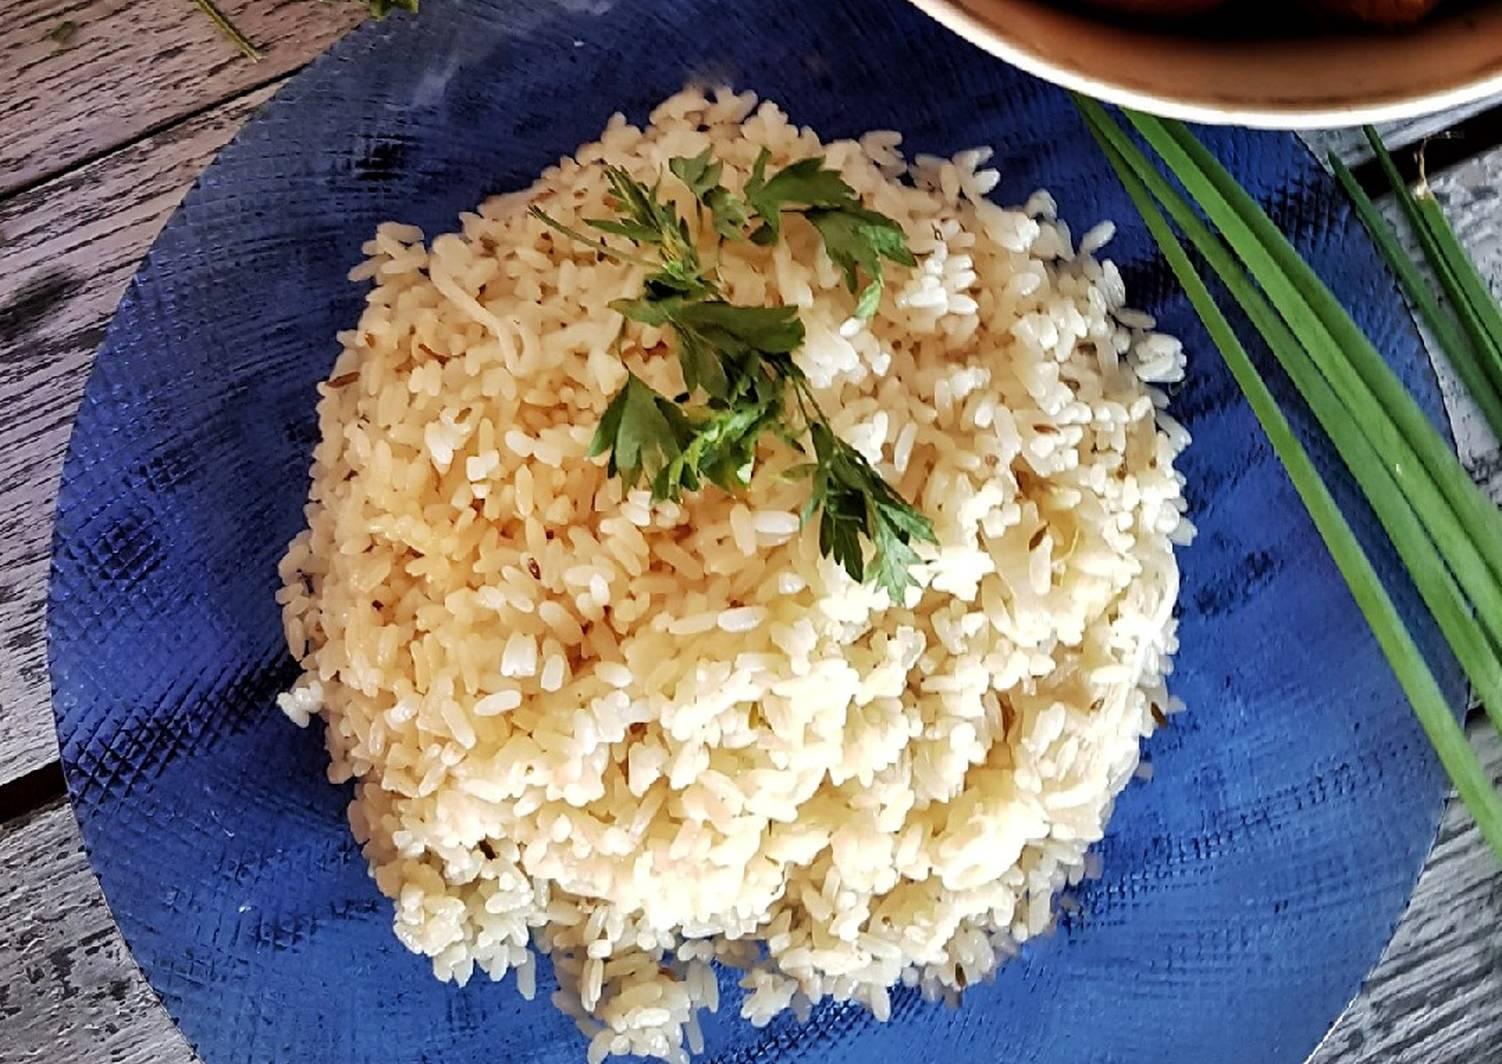 утенок рис на гарнир рецепты с фото радуюсь наконец, вроде